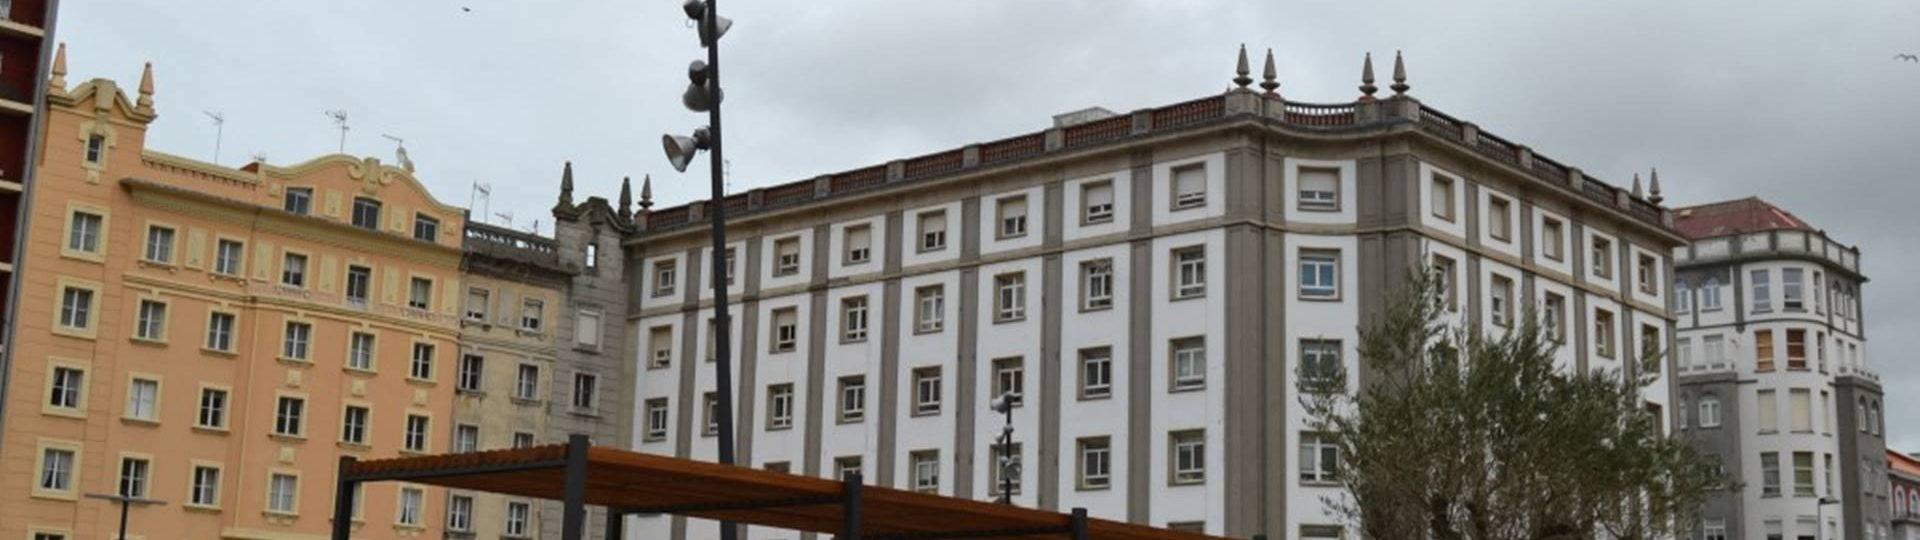 Obras_Parque_Plaza_Espana_Ferrol_2